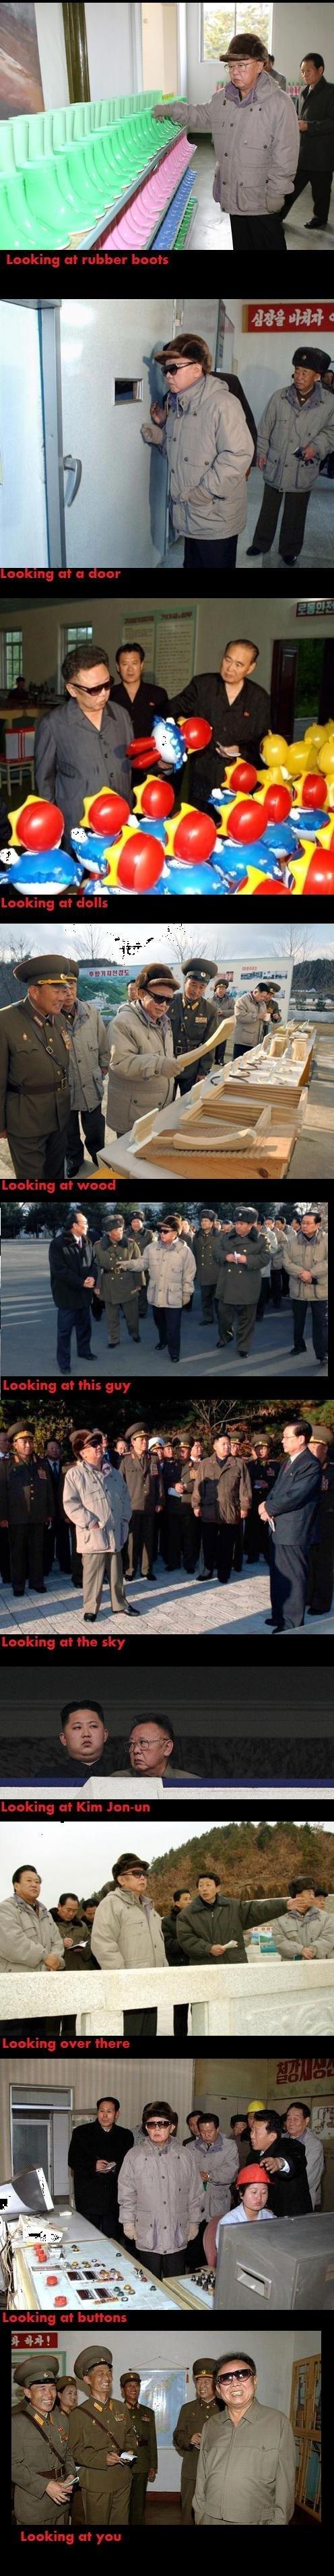 Kim Jong il looking at things. Wanna see the tags?.